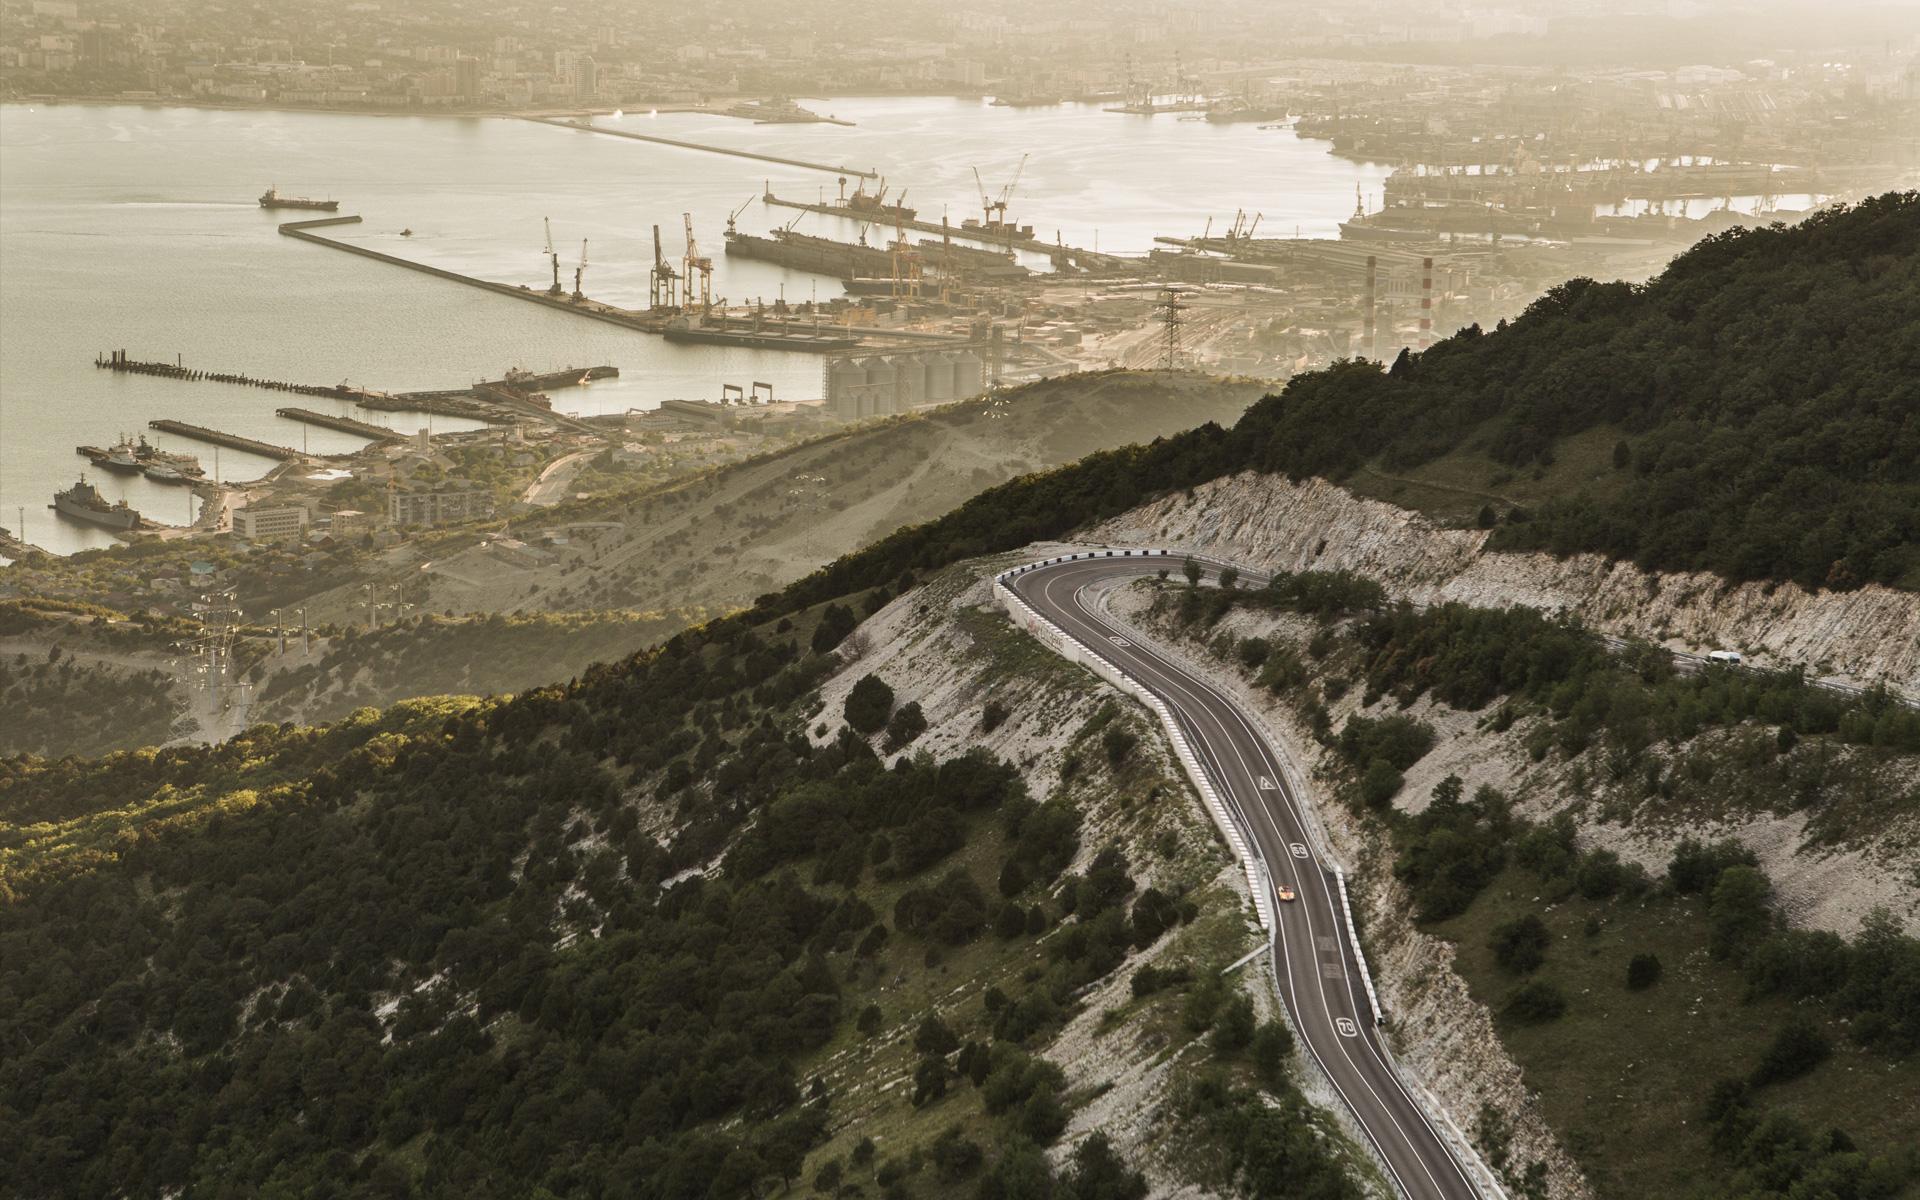 Ищем драйверские дороги России за рулем Mazda MX-5 Aori. Фото 18